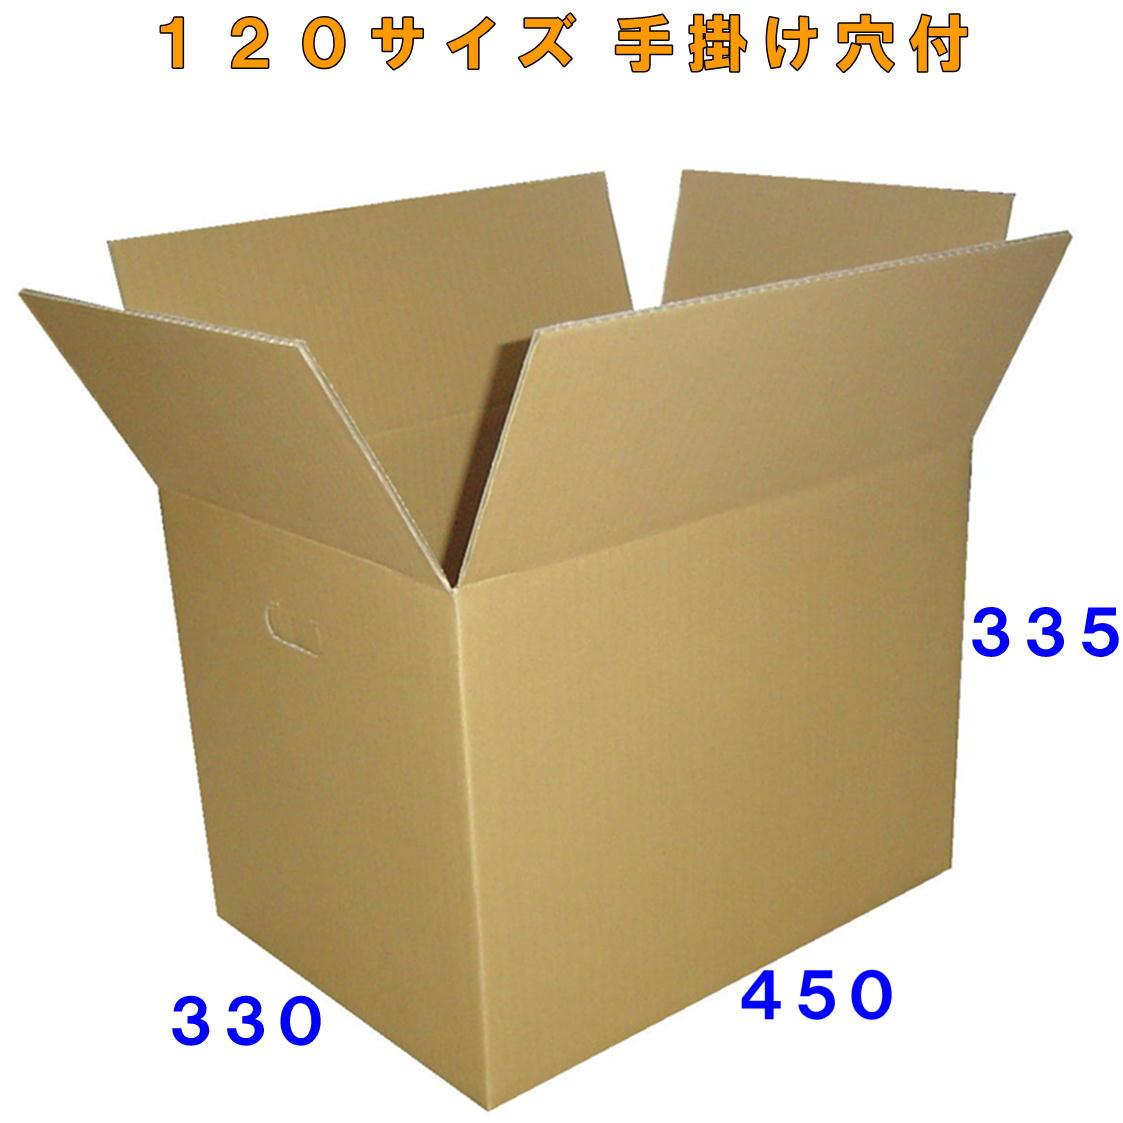 ダンボール(段ボール)120サイズ 取手穴付30枚【法人様向け】ダンボール箱(段ボール箱)